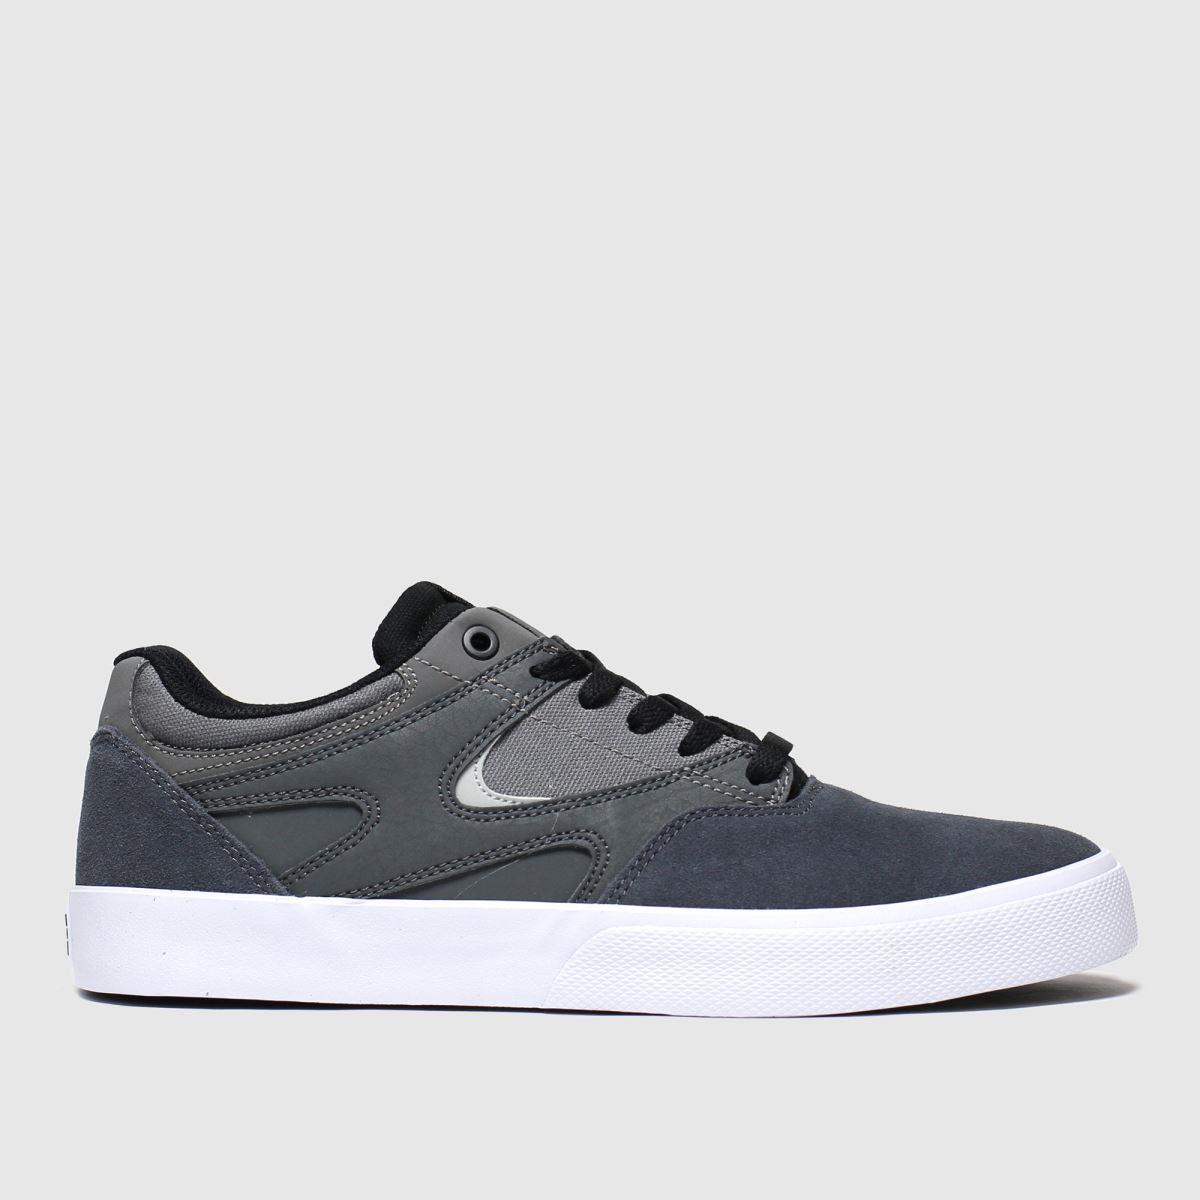 dc shoes Dc Shoes Grey Kalis Vulc Trainers